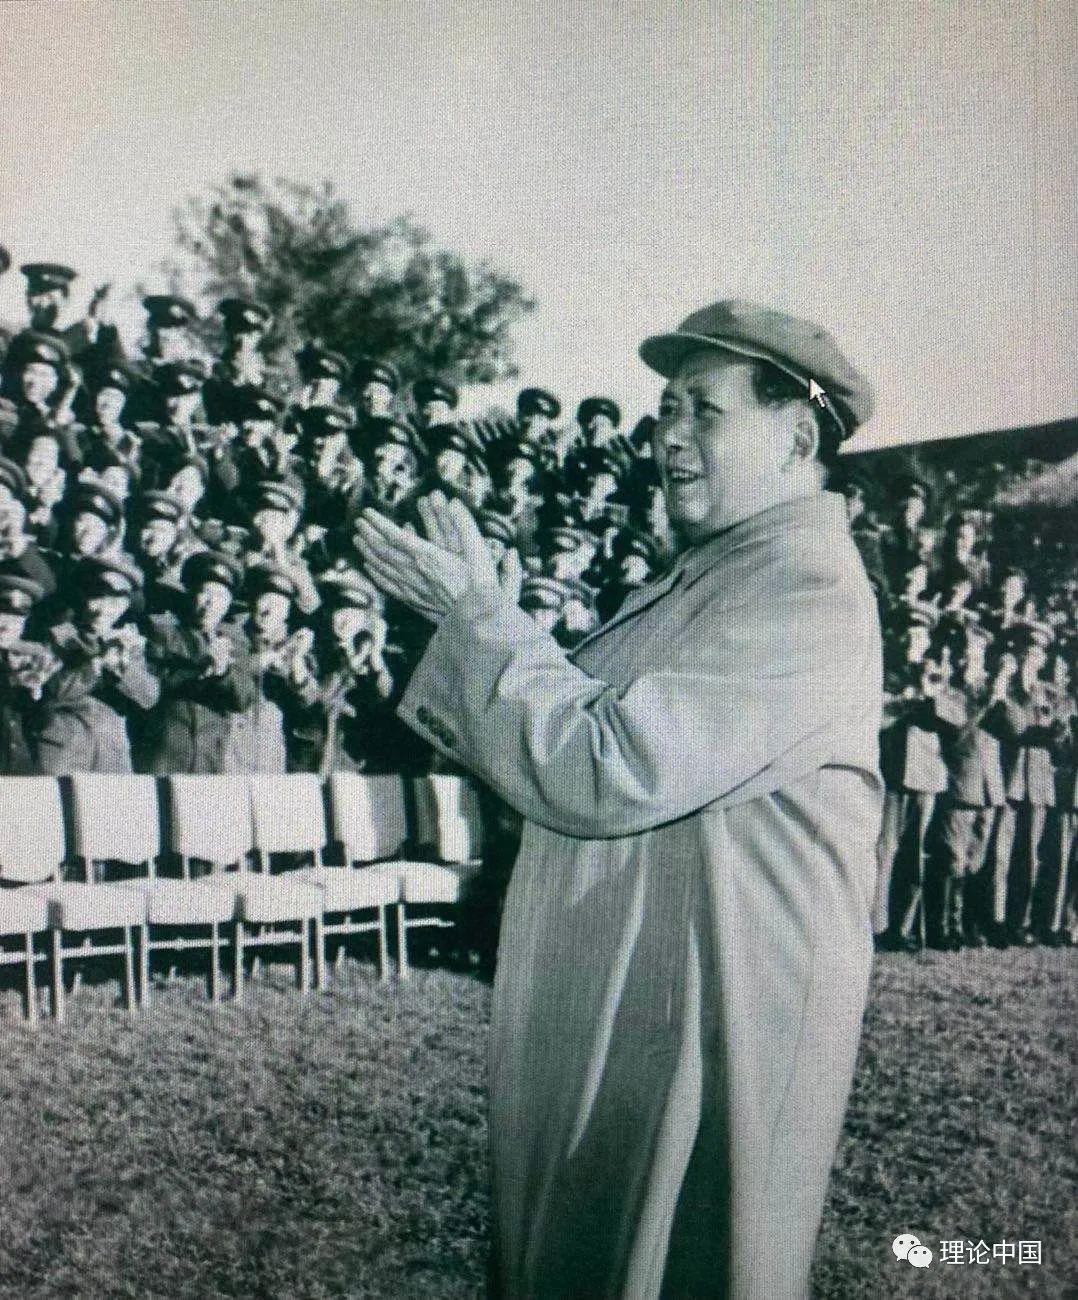 毛泽东:中国人民是惹不得的。如果惹翻了,是不好办的。